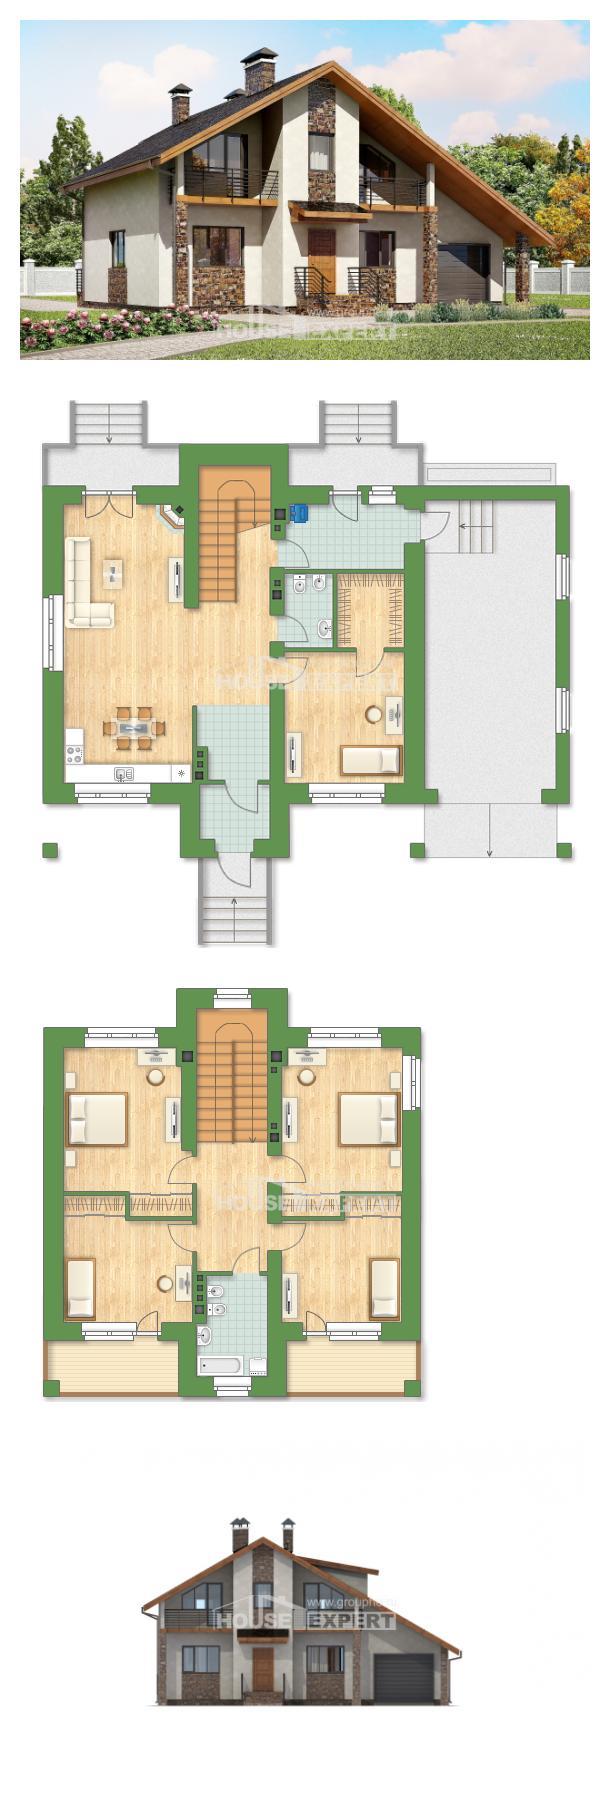 Plan 180-008-R | House Expert